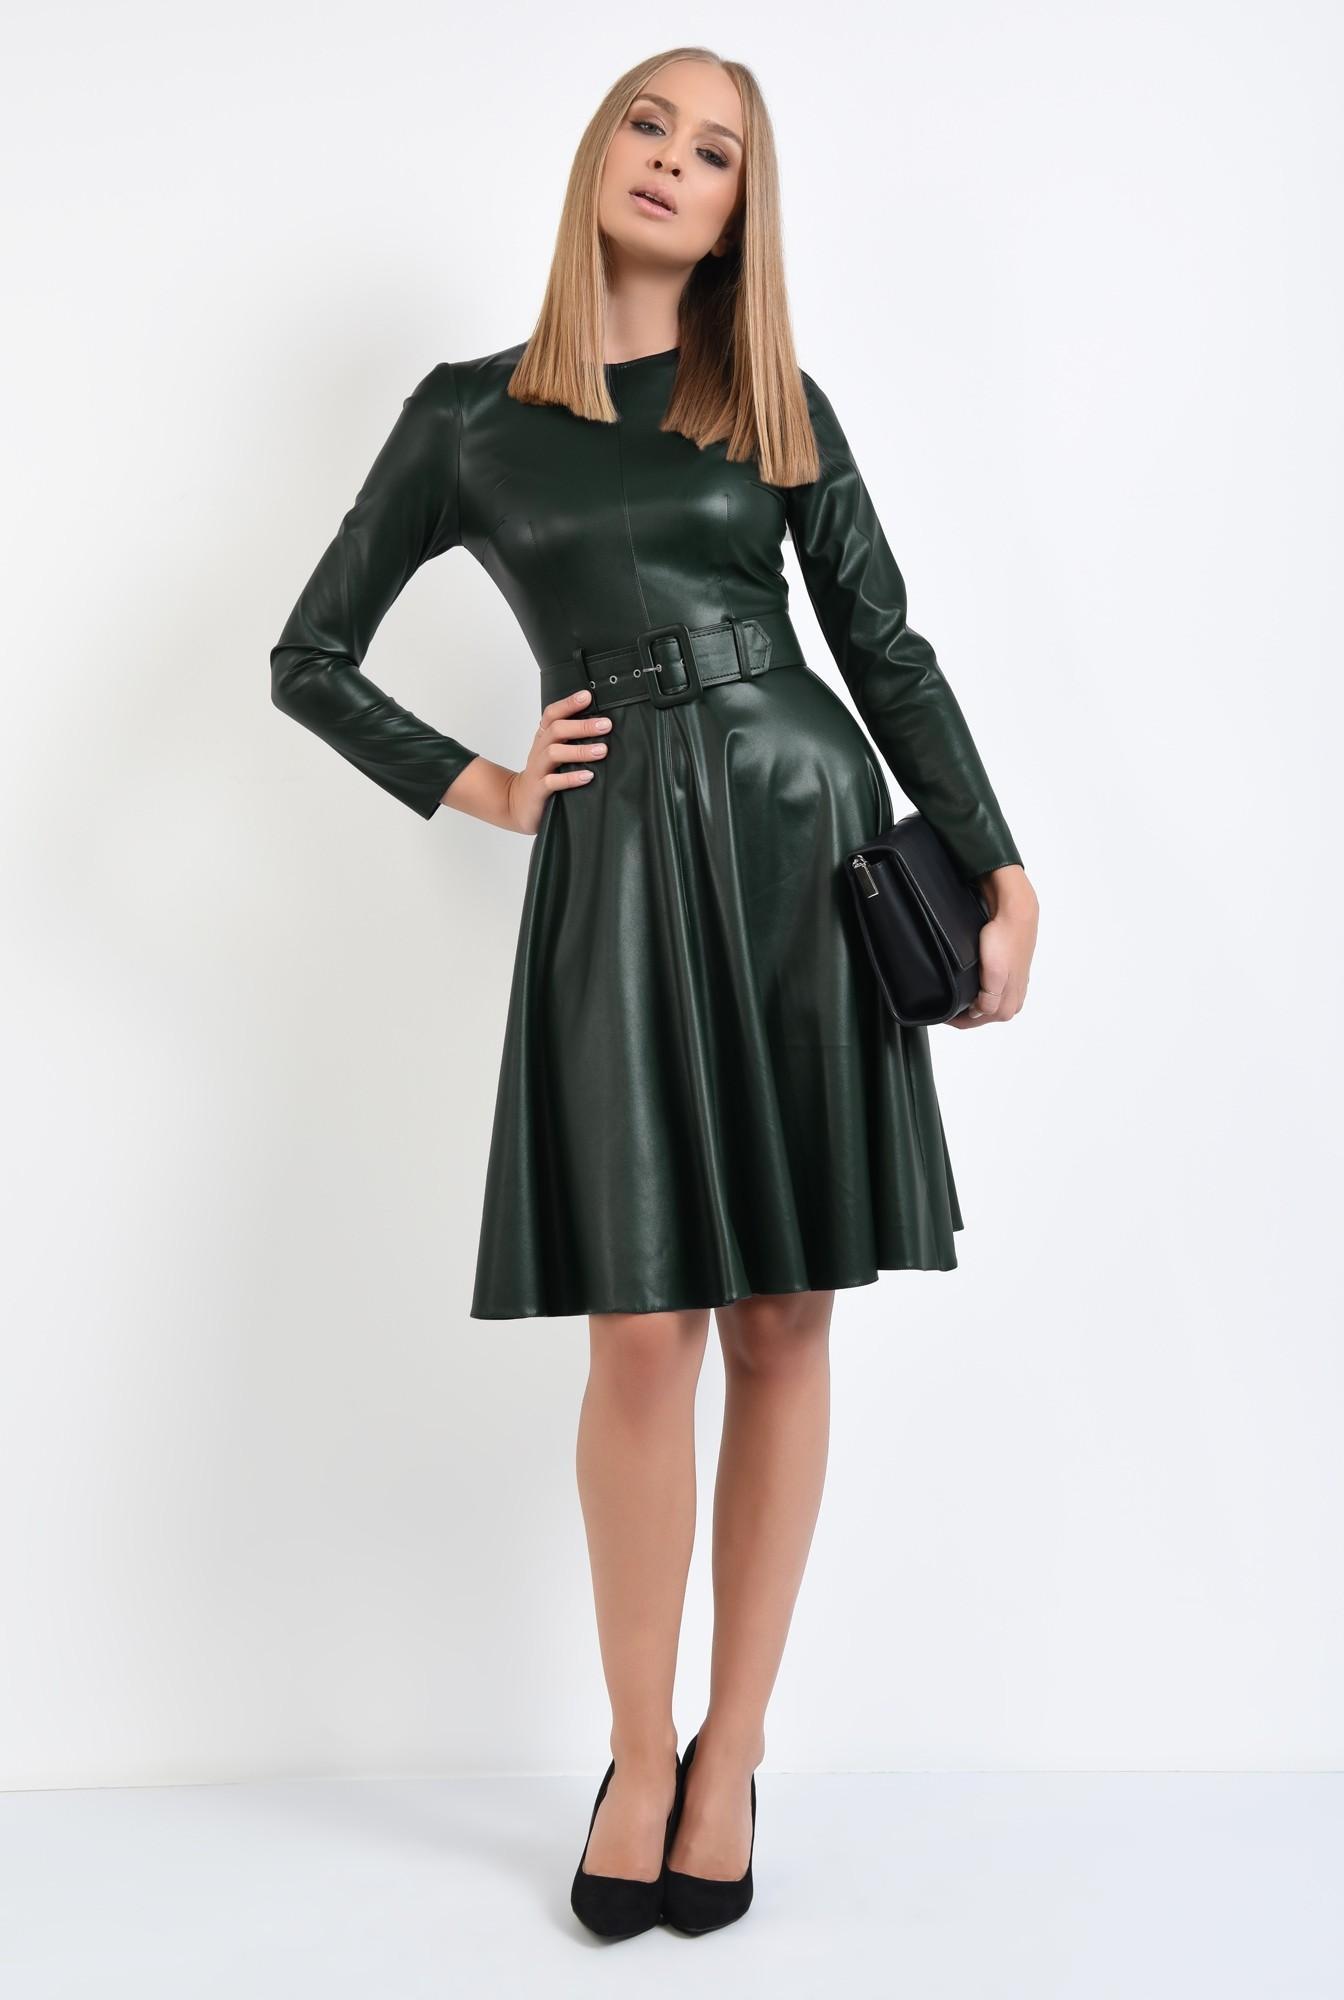 3 - rochie casual verde, centura, cambrata, fermoar la spate, rochii online